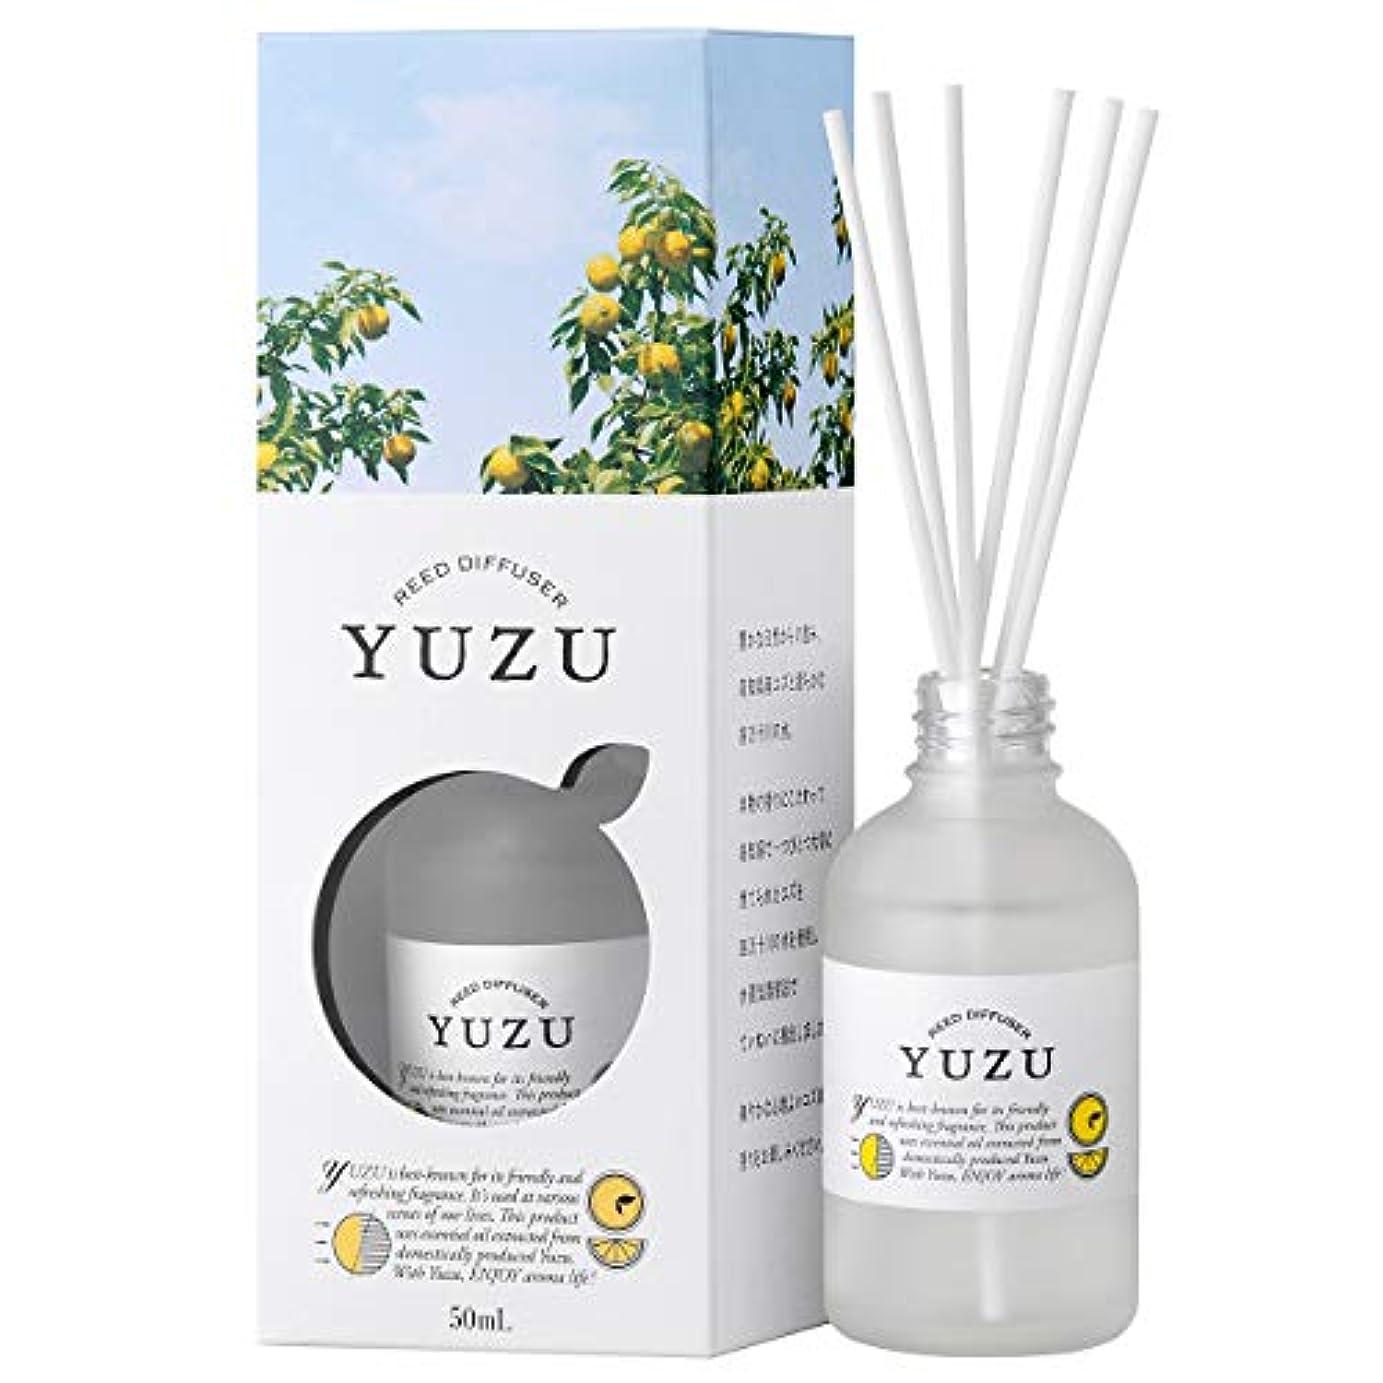 疑問を超えてアンソロジー植物学者YUZU消臭リードディフューザー